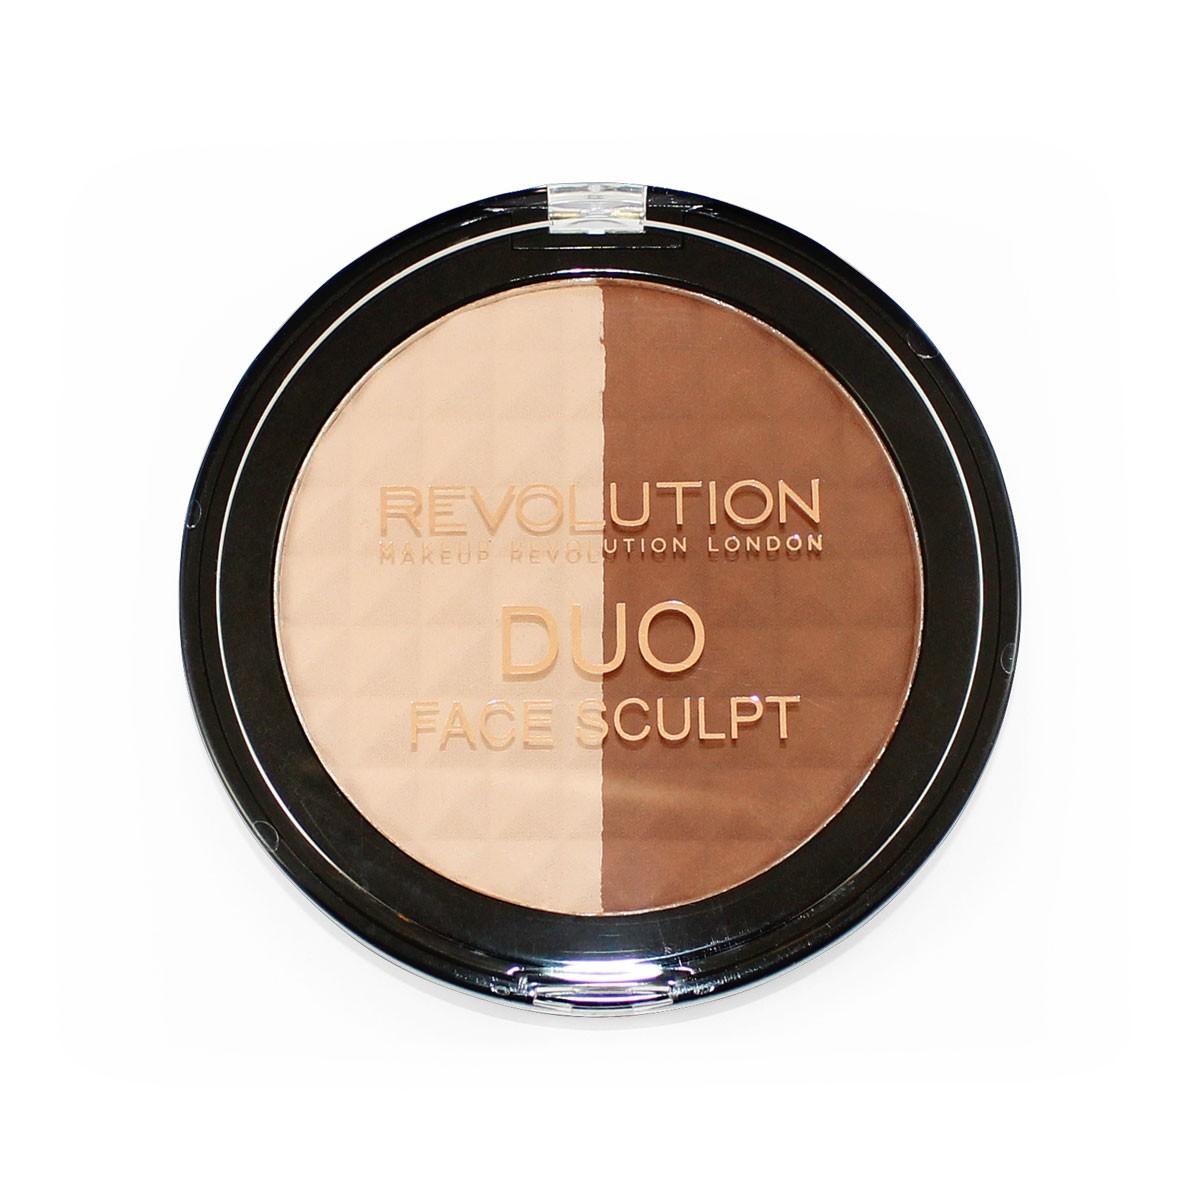 Fotografie Makeup Revolution Duo Face Sculpt, konturovací pudr 15 g